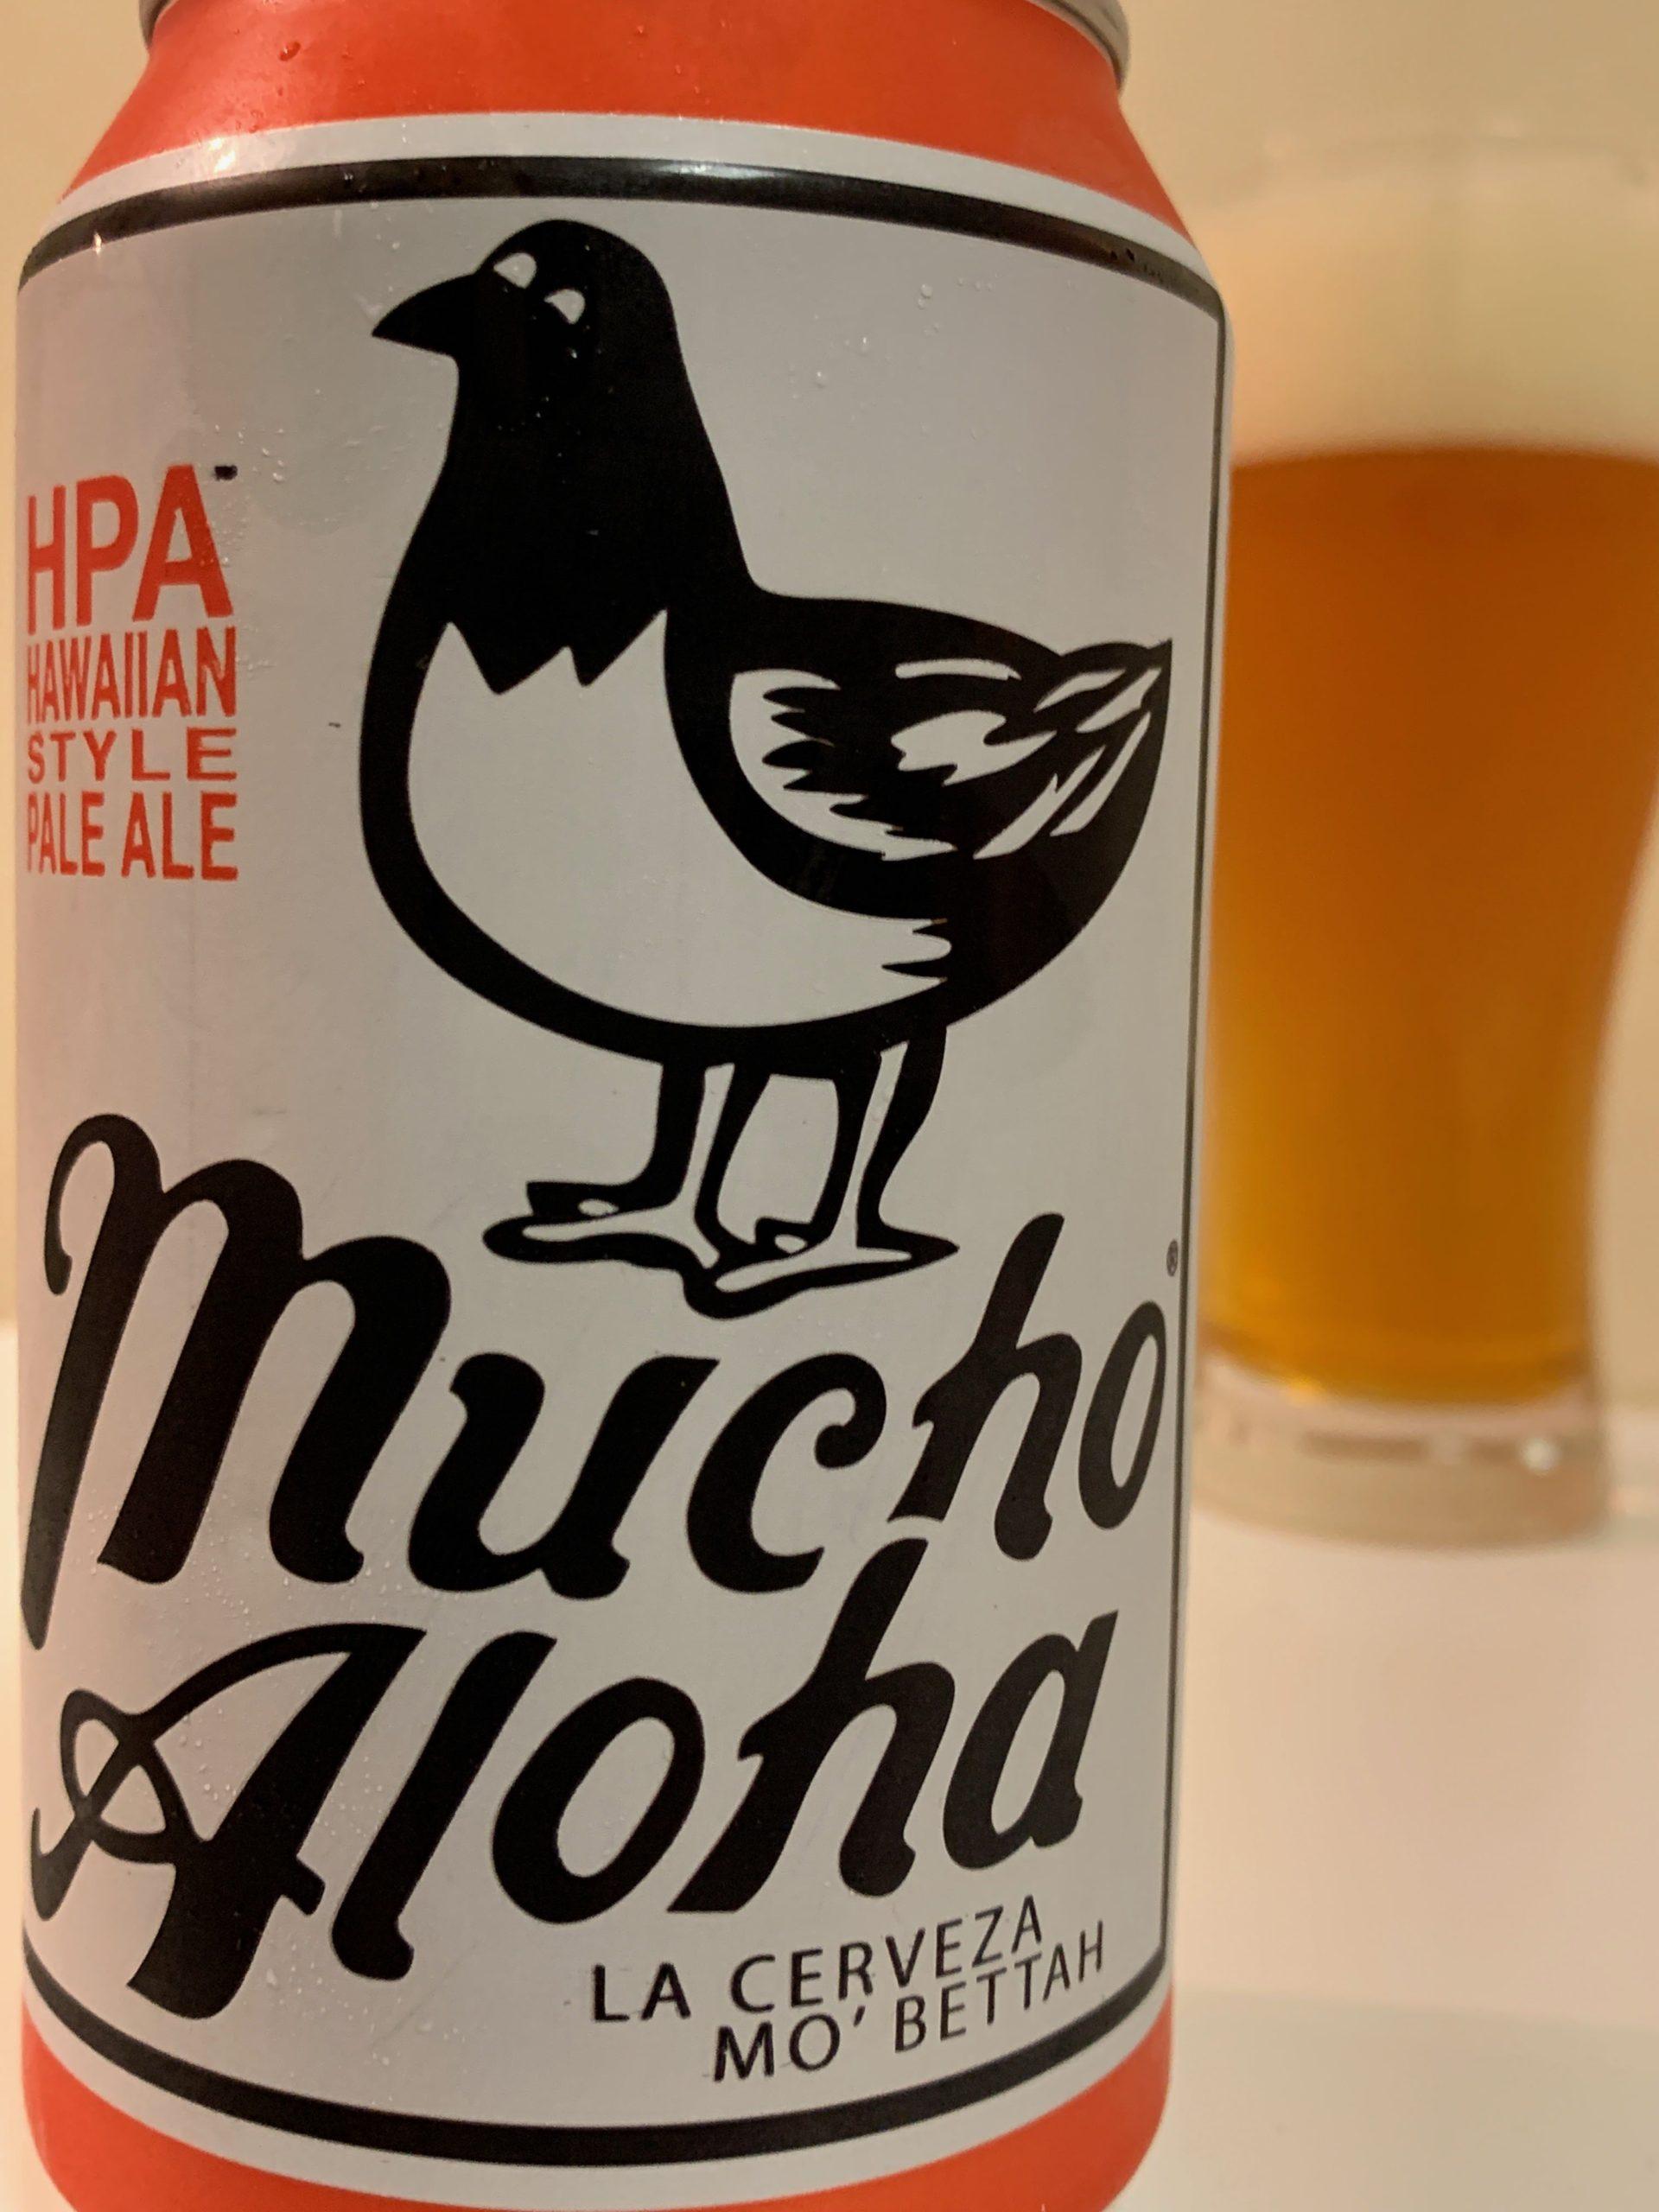 Mucho Aloha HPA(HAWAIIAN STYLE PALE ALE) (ムーチョ アロハ HPA)